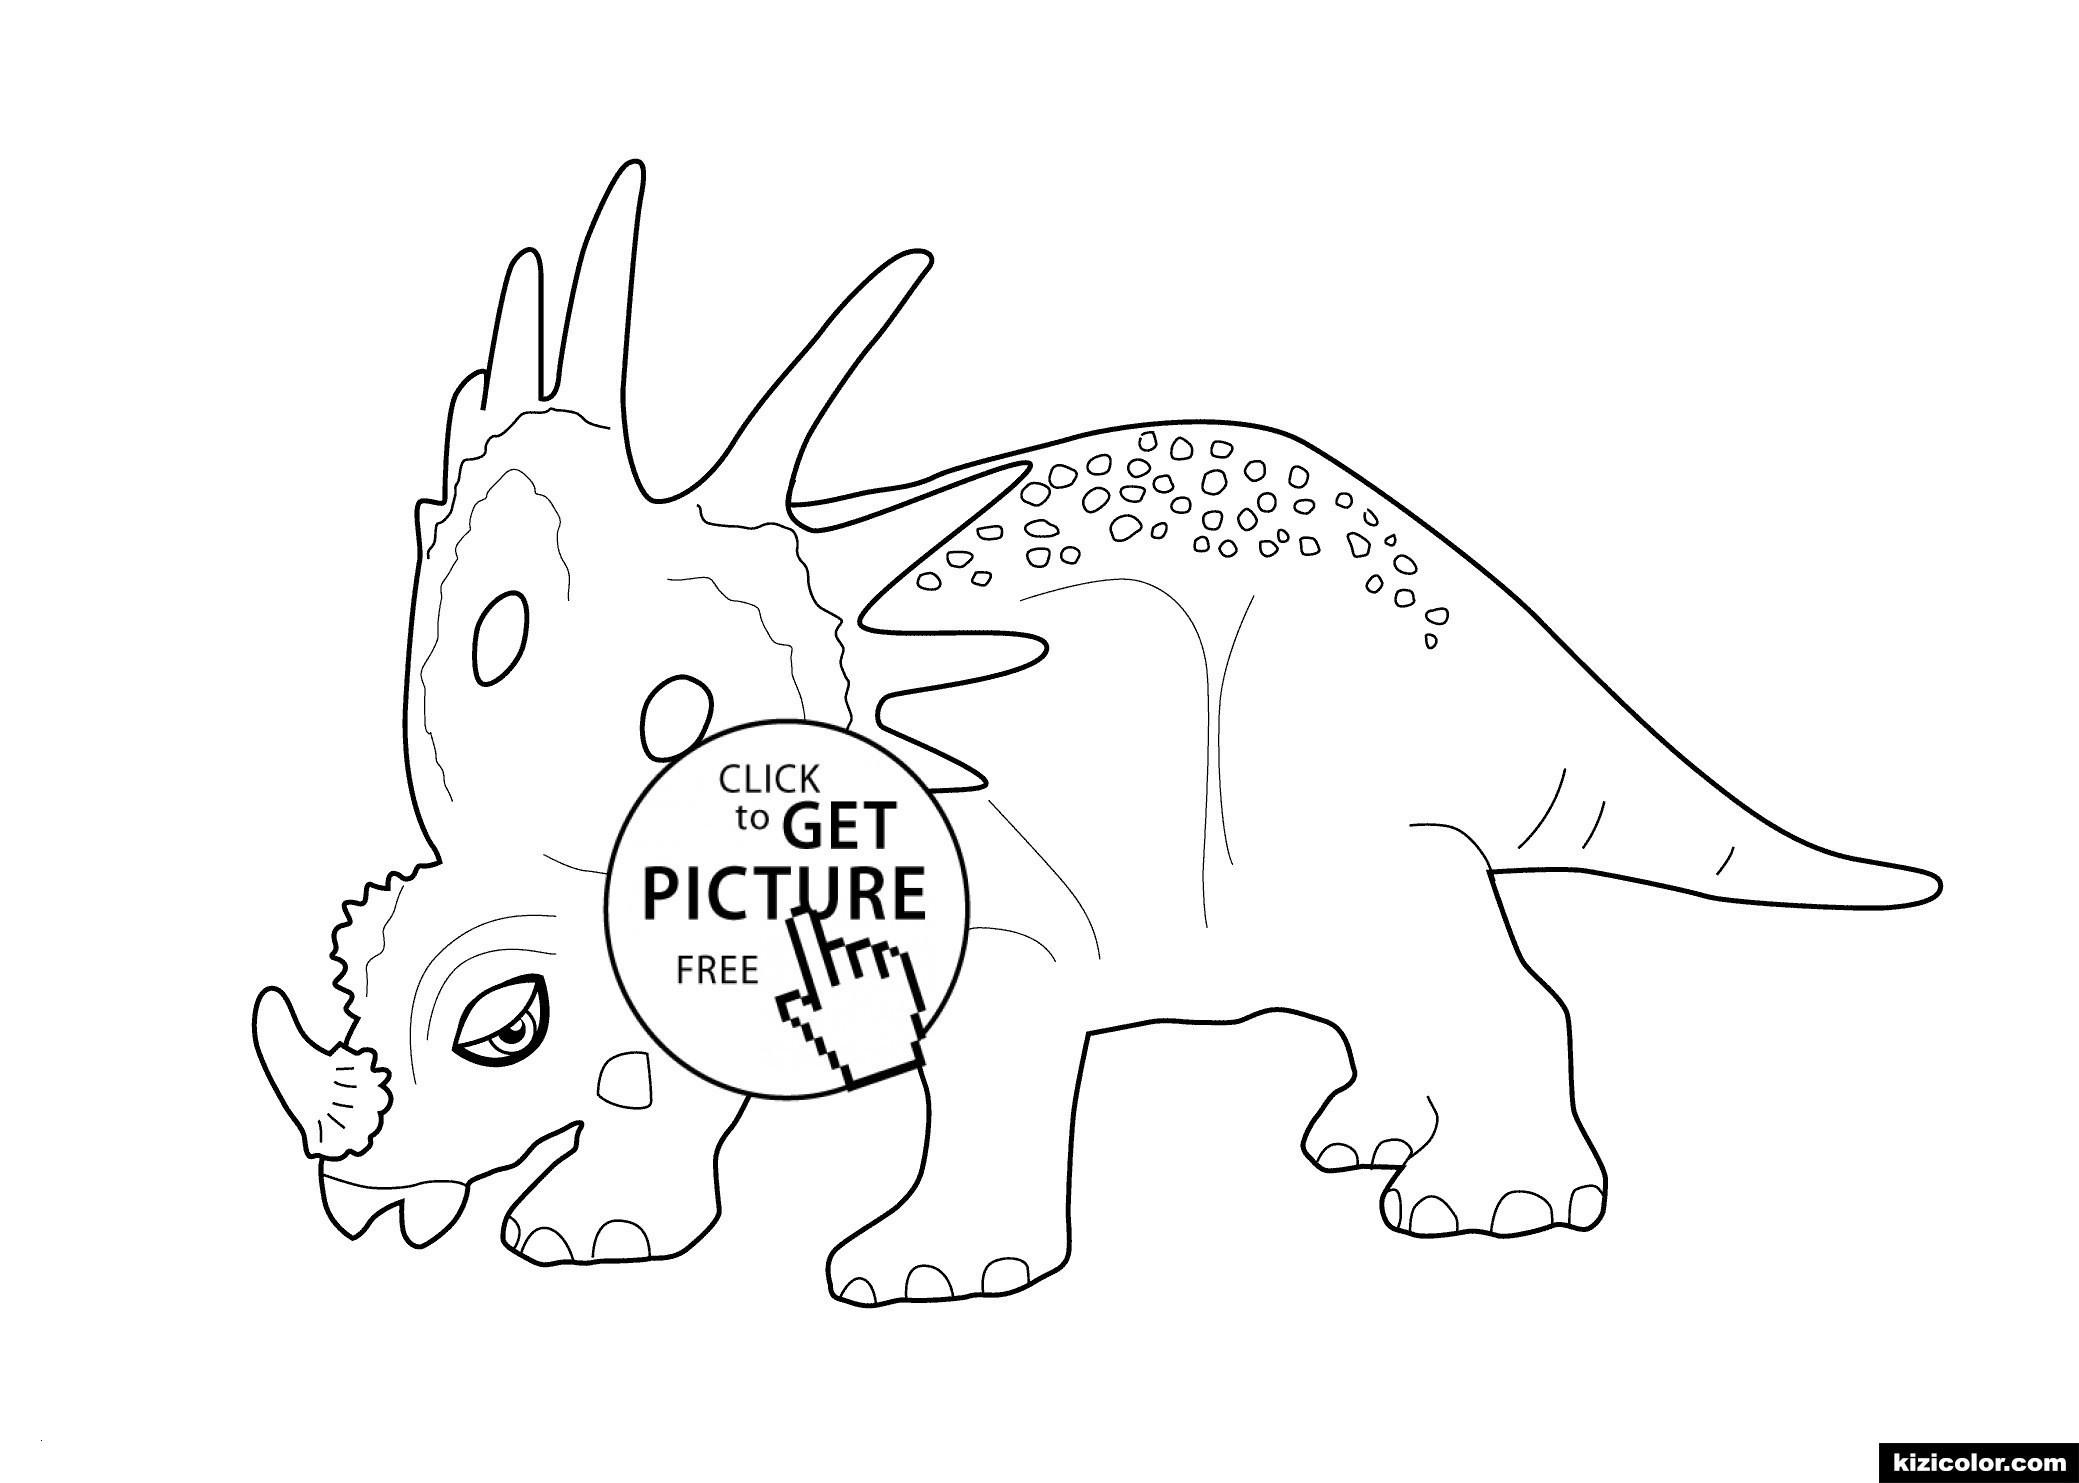 Dino Zug Ausmalbilder Genial Malvorlagen Dinosaurier Best 35 Ausmalbilder Dino Zug Bilder